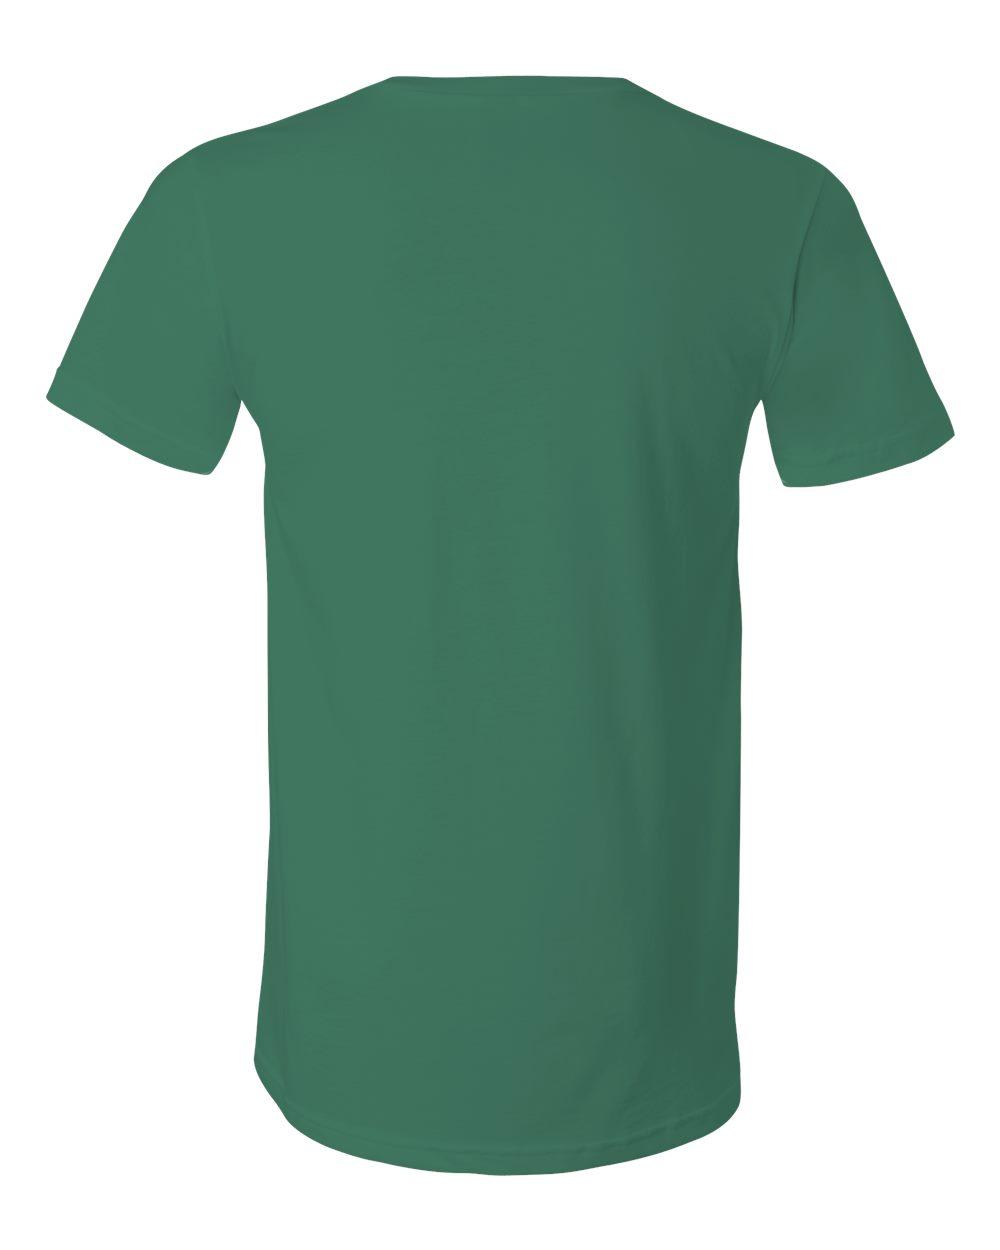 Bella-Canvas-Men-039-s-Jersey-Short-Sleeve-V-Neck-T-Shirt-3005-XS-3XL thumbnail 40